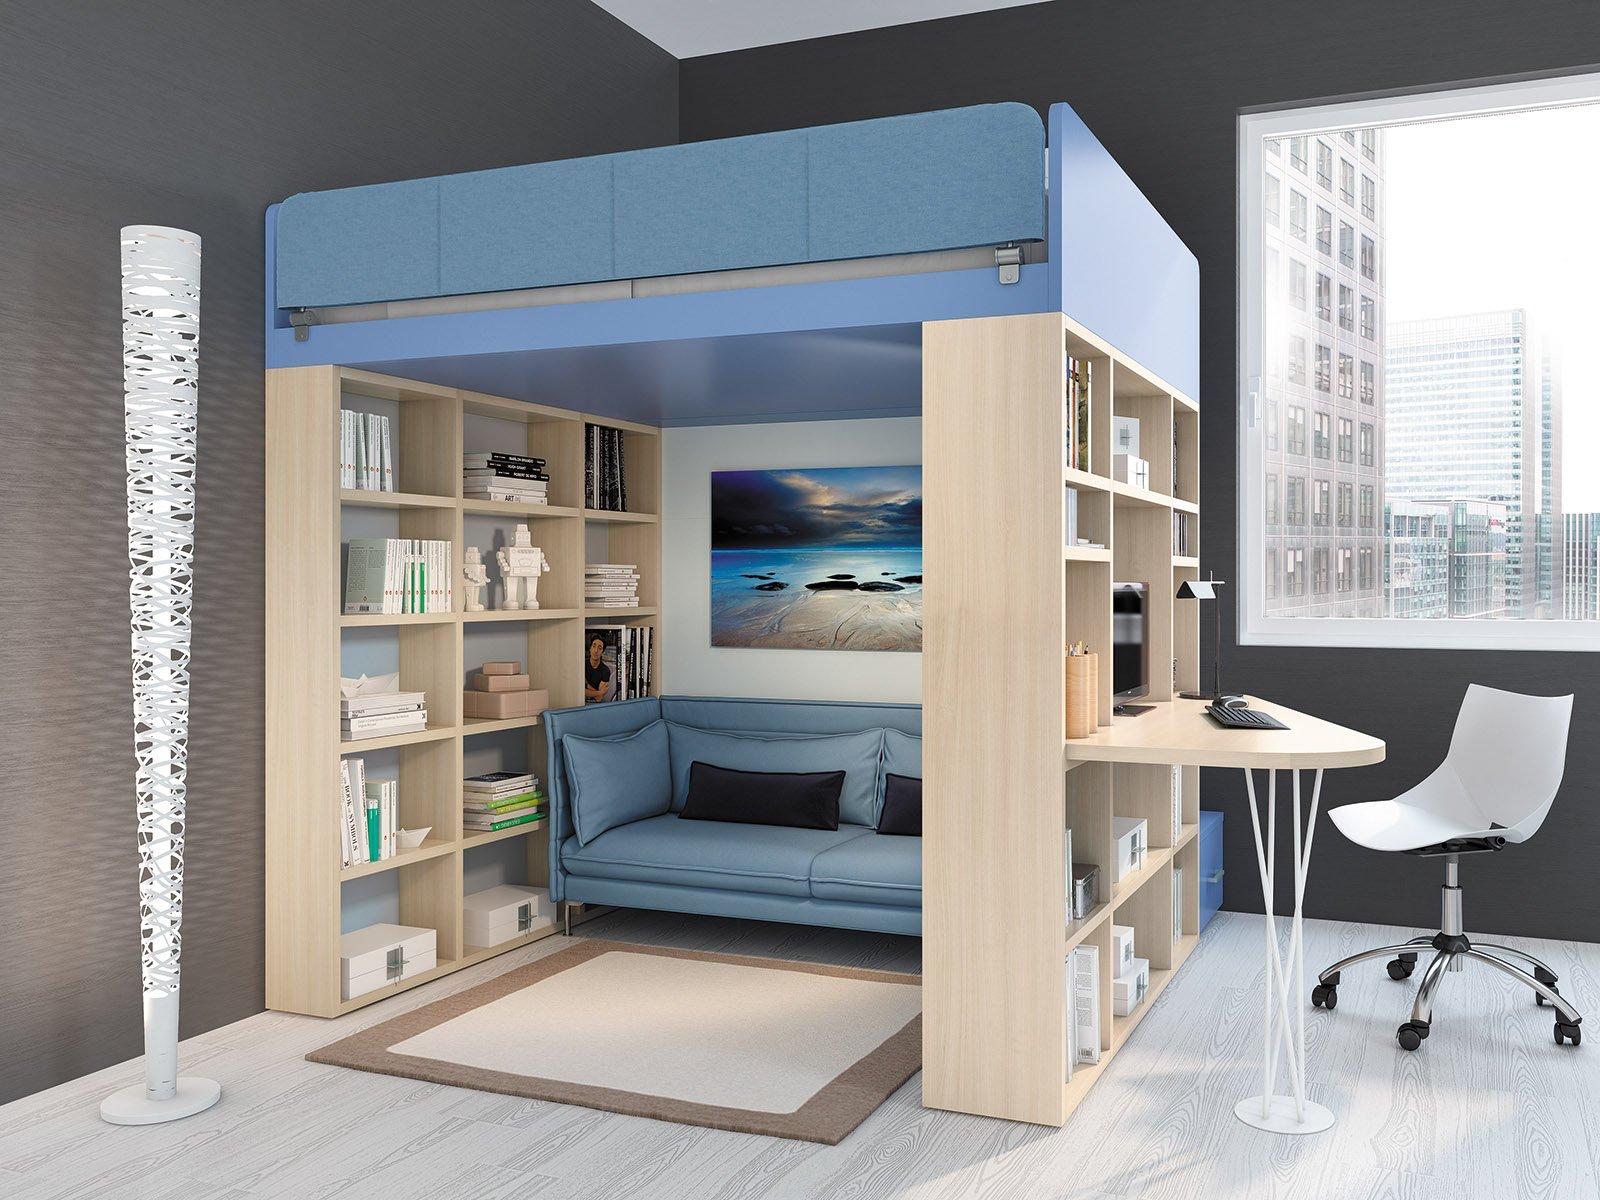 Camerette per adolescenti cose di casa - Camera da letto a soppalco ...